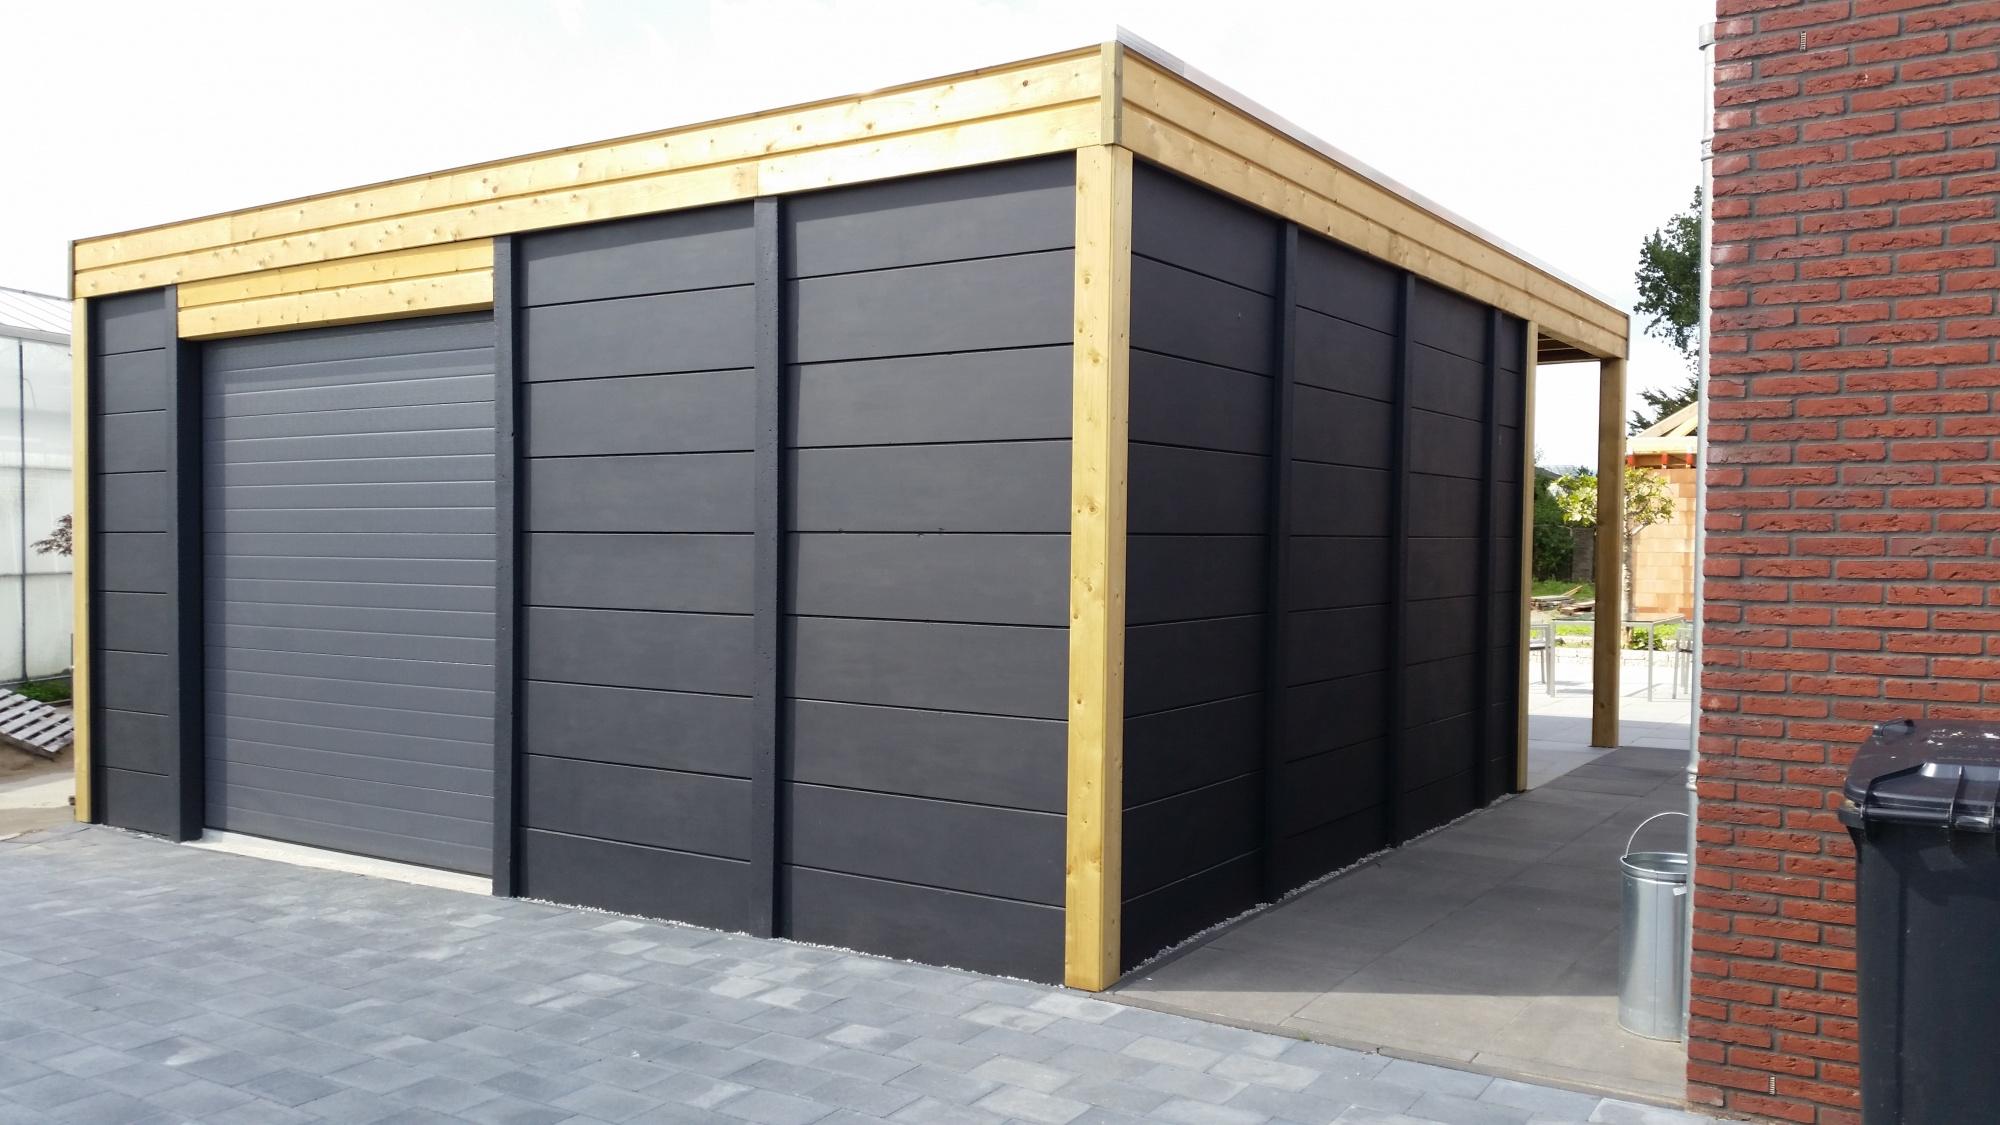 Stenen Garage Prijs : Betonnen garage enkelzijdig beton systeembouw handvorm steenmotief